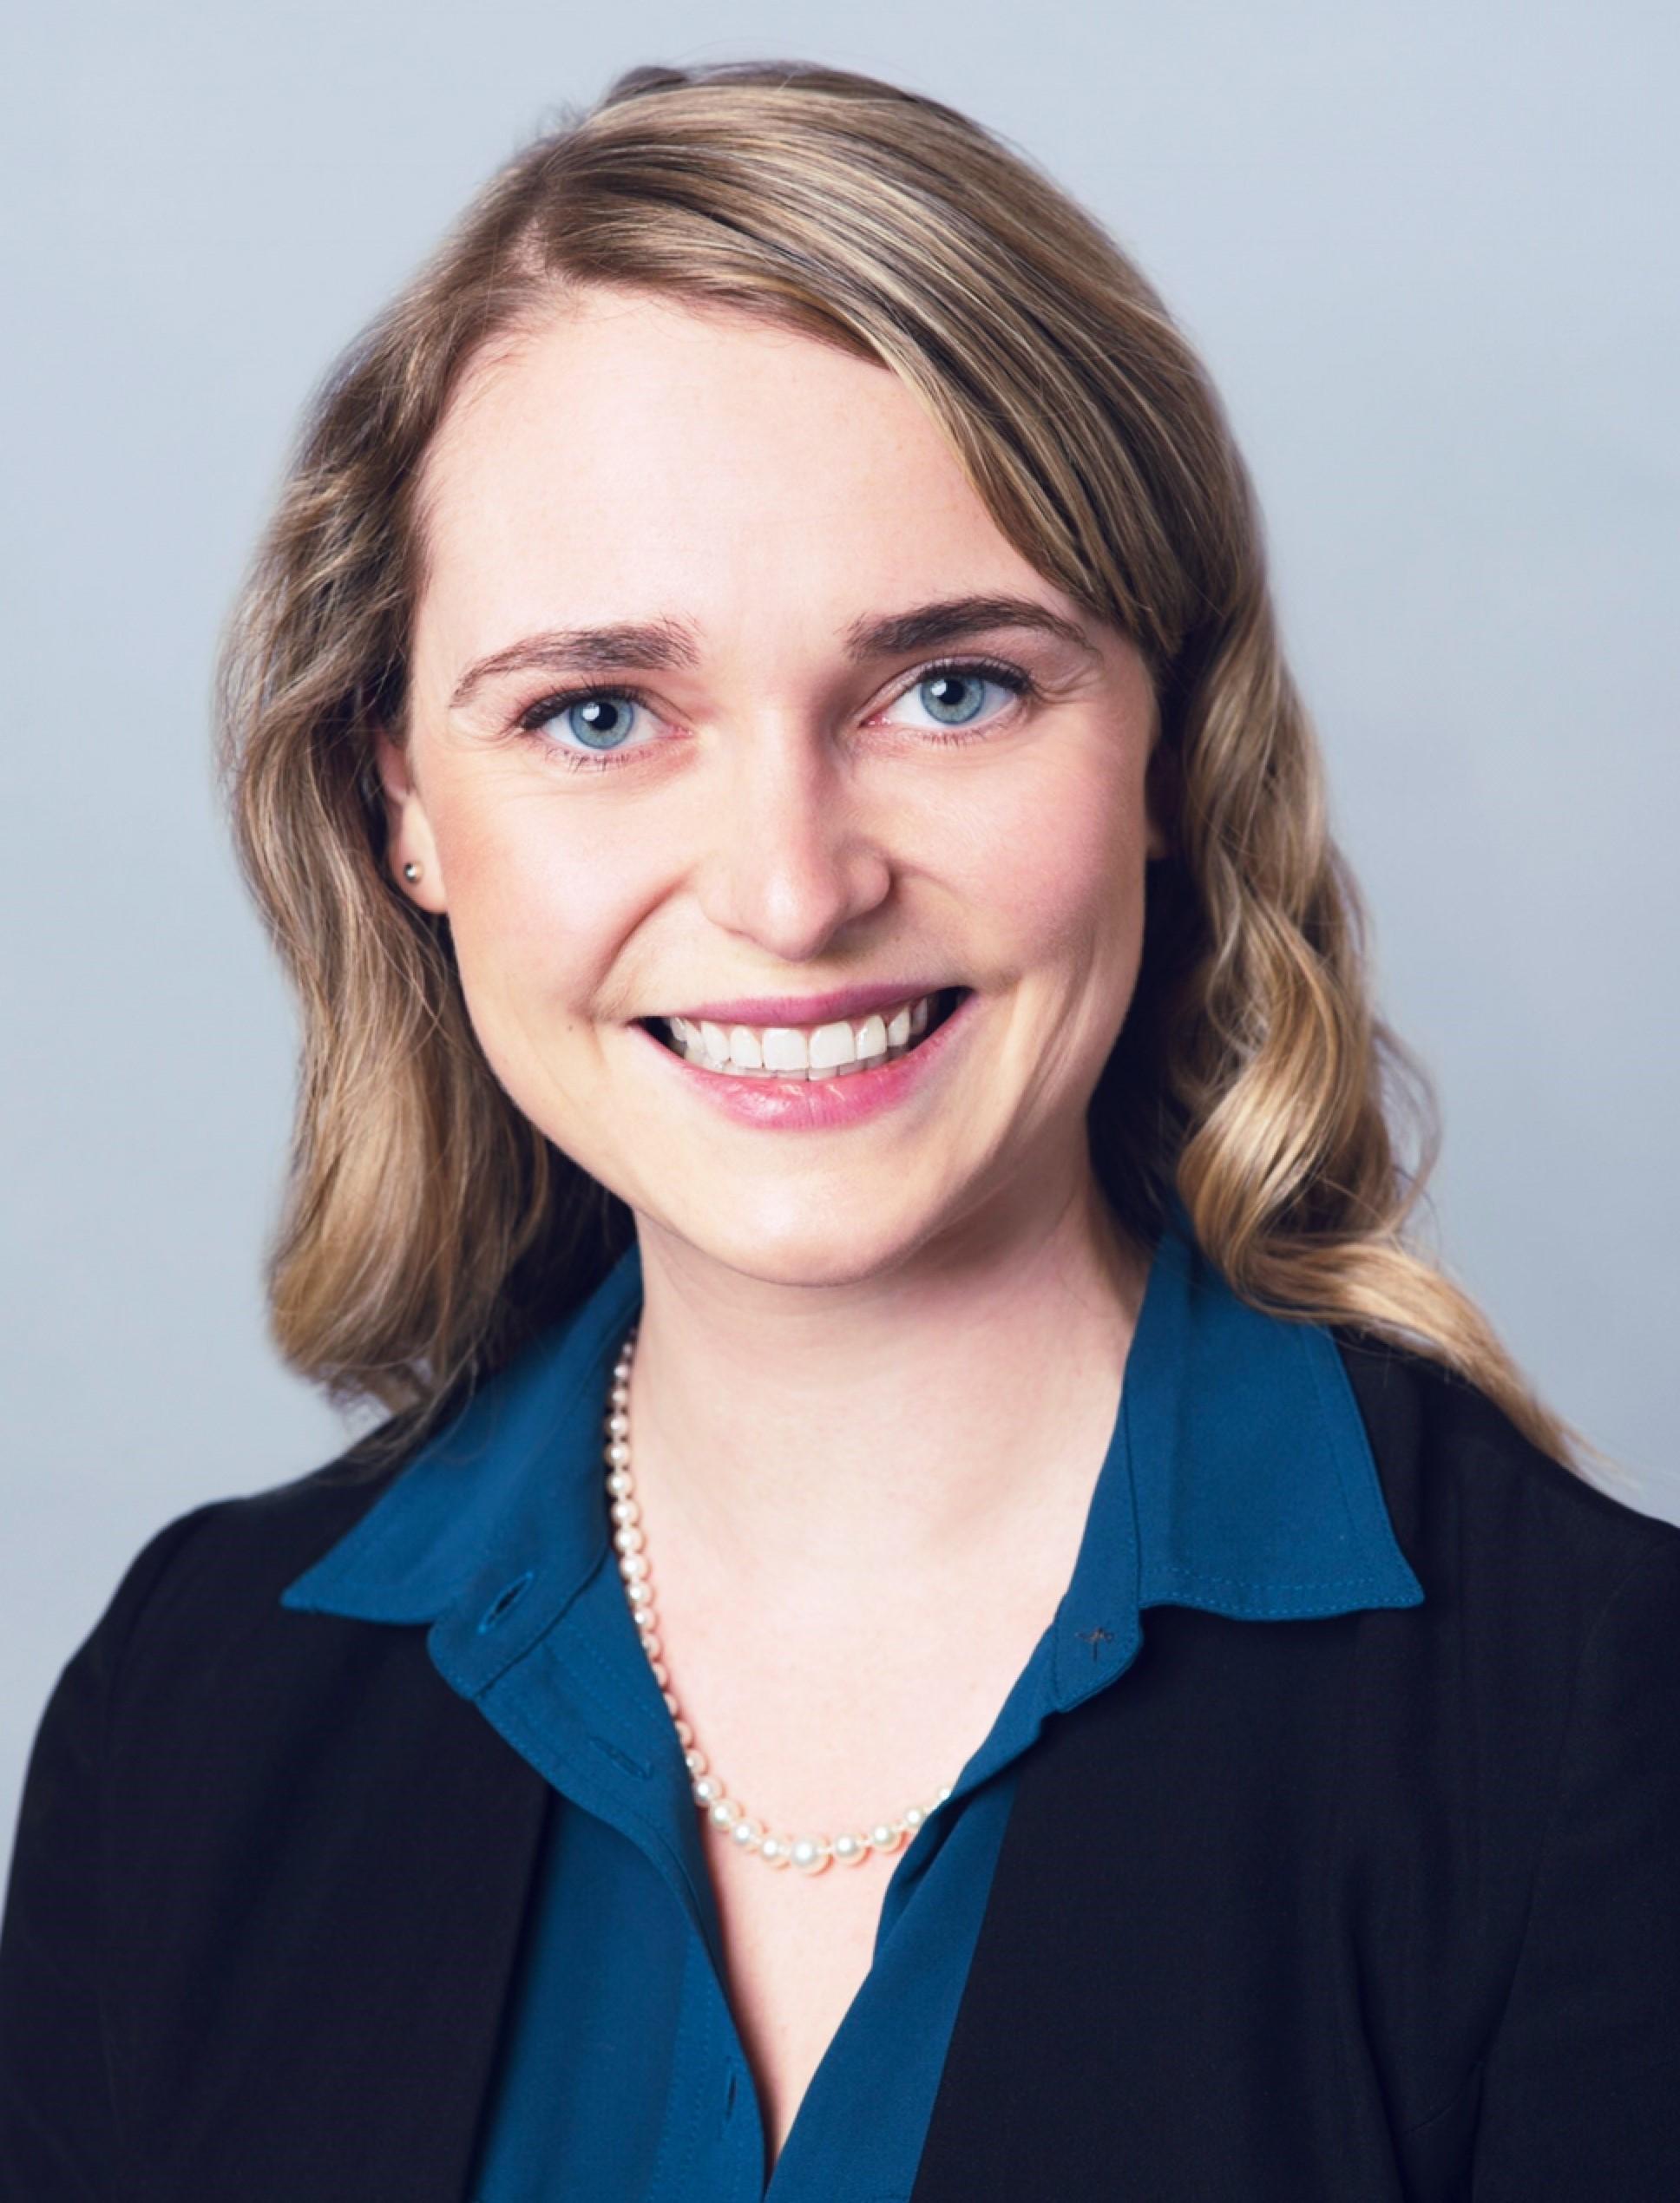 Claire Dugan